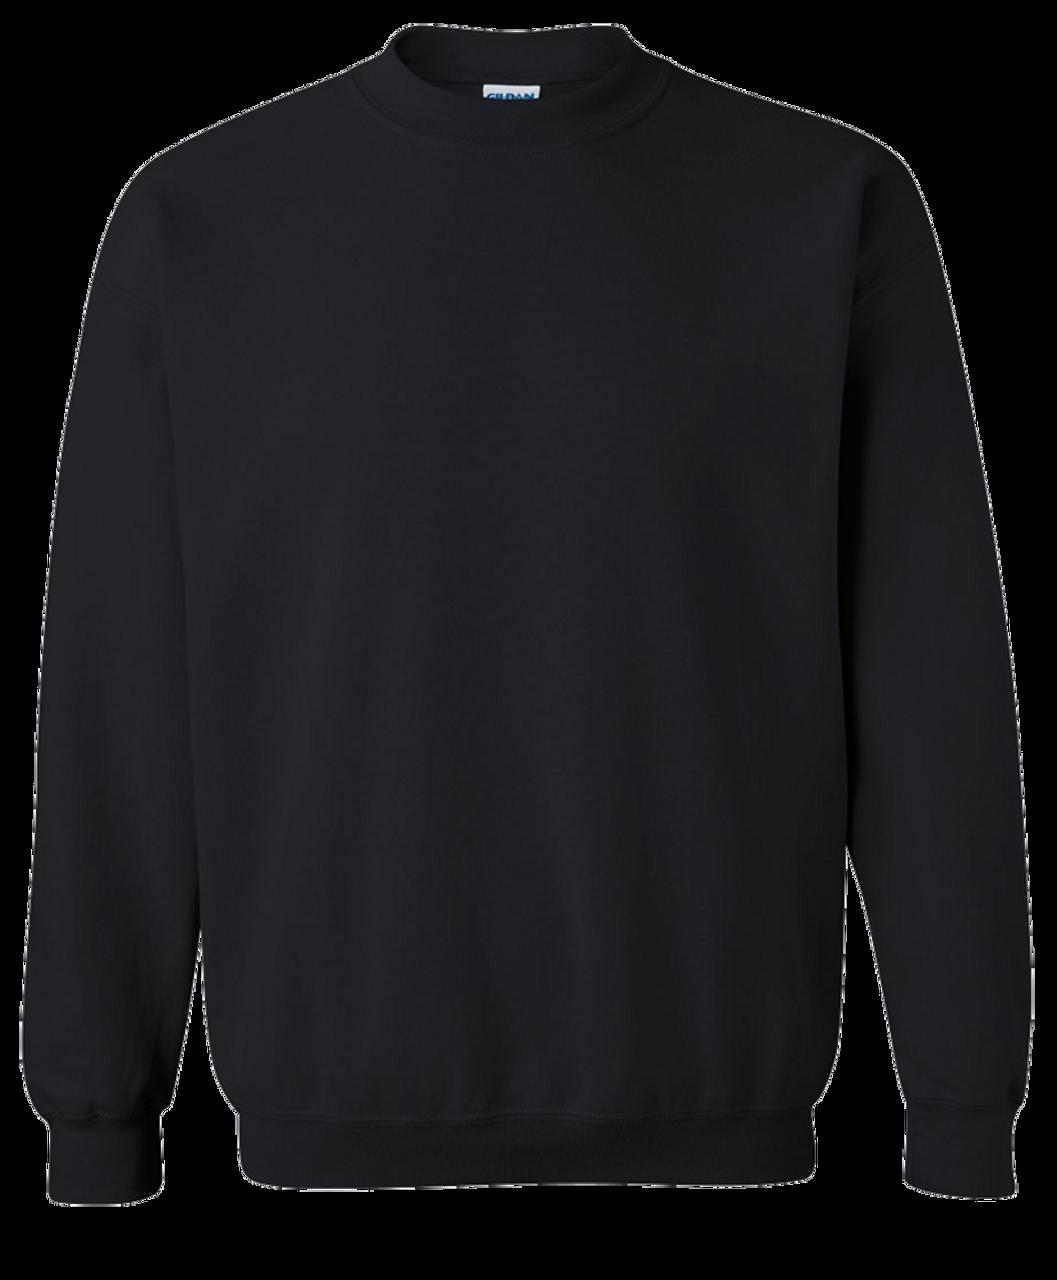 G18000 in Black